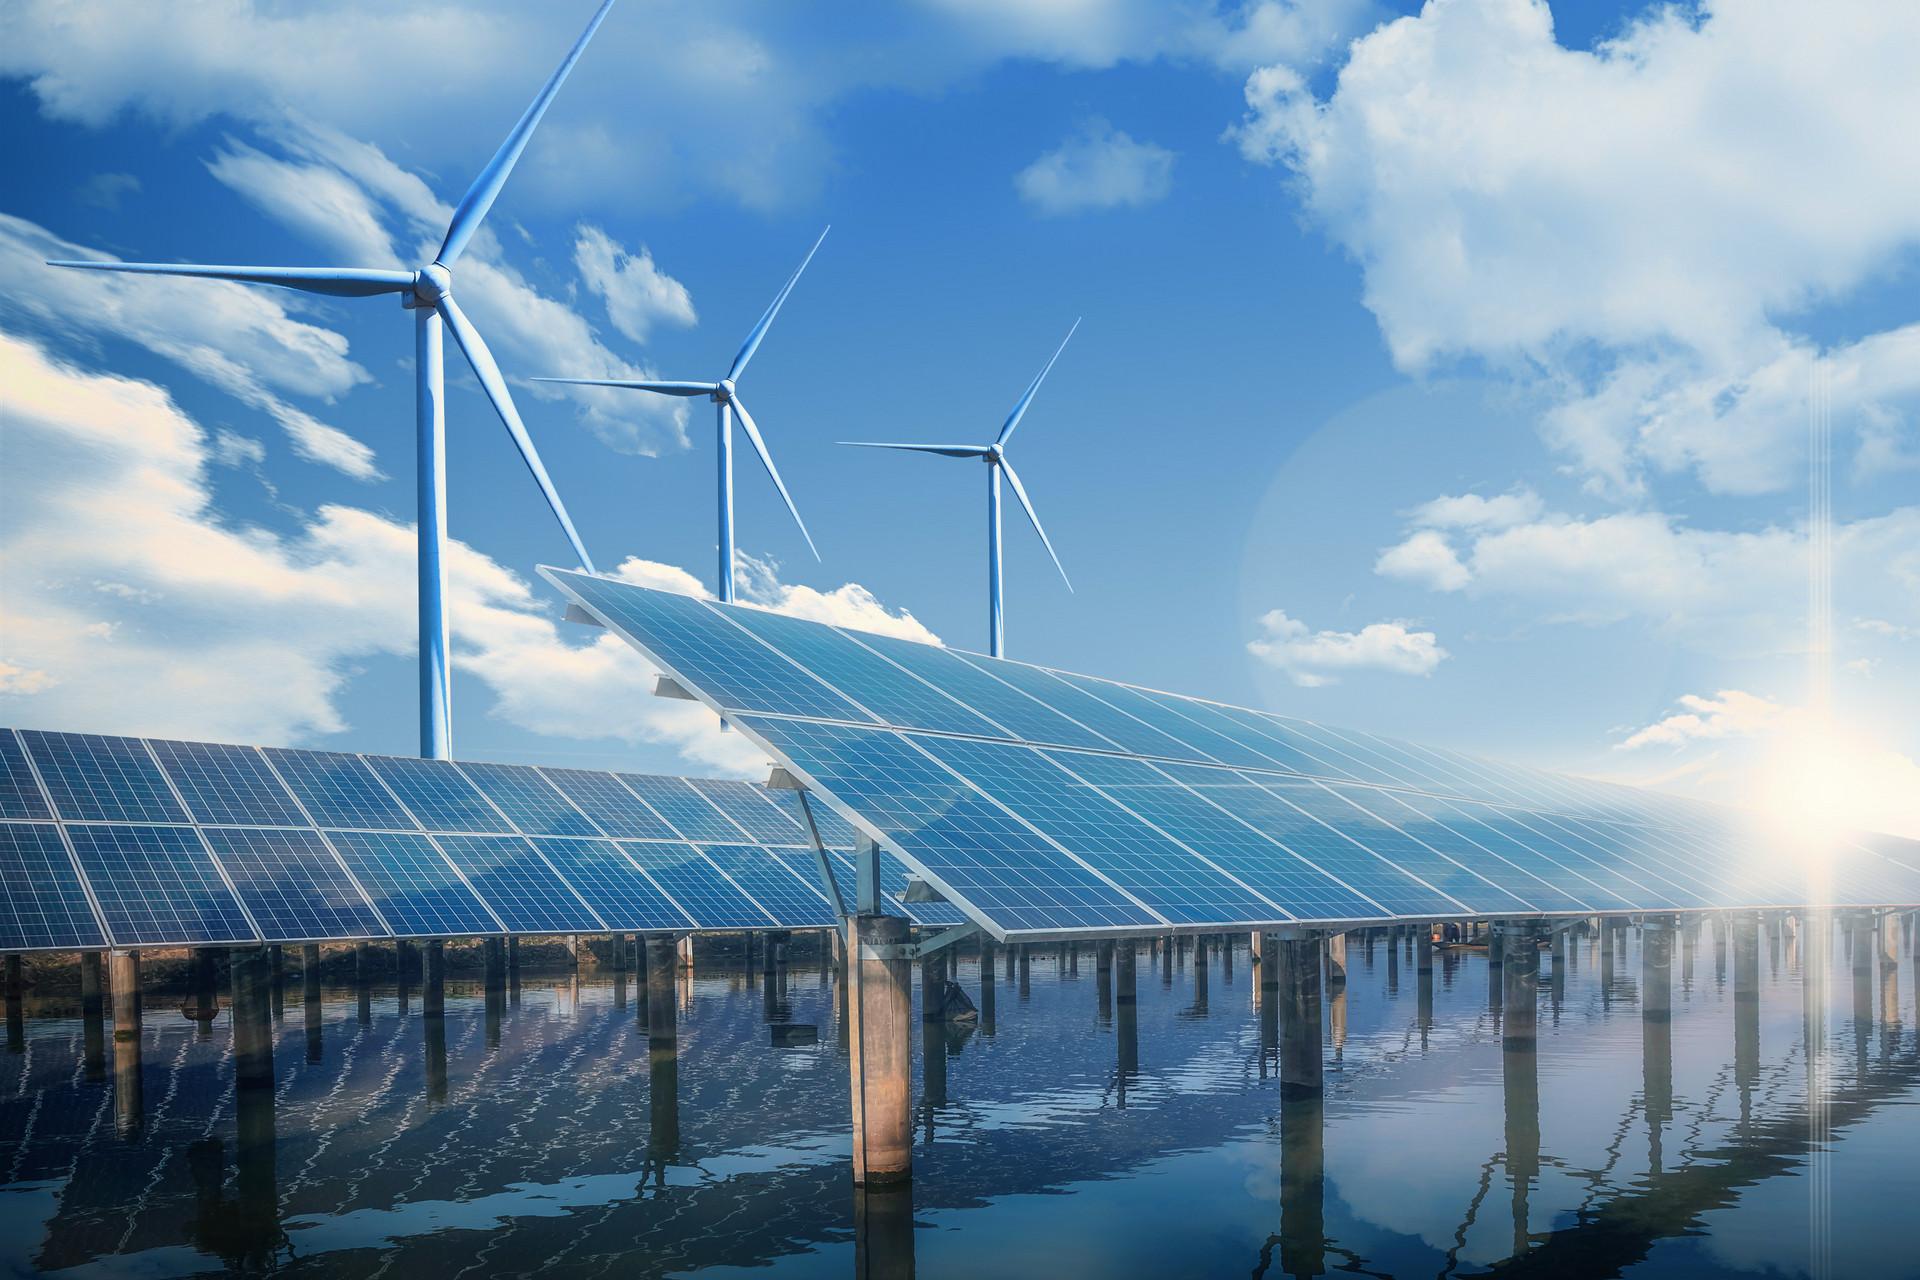 专家:积极探索储能电池以及分布式能源技术